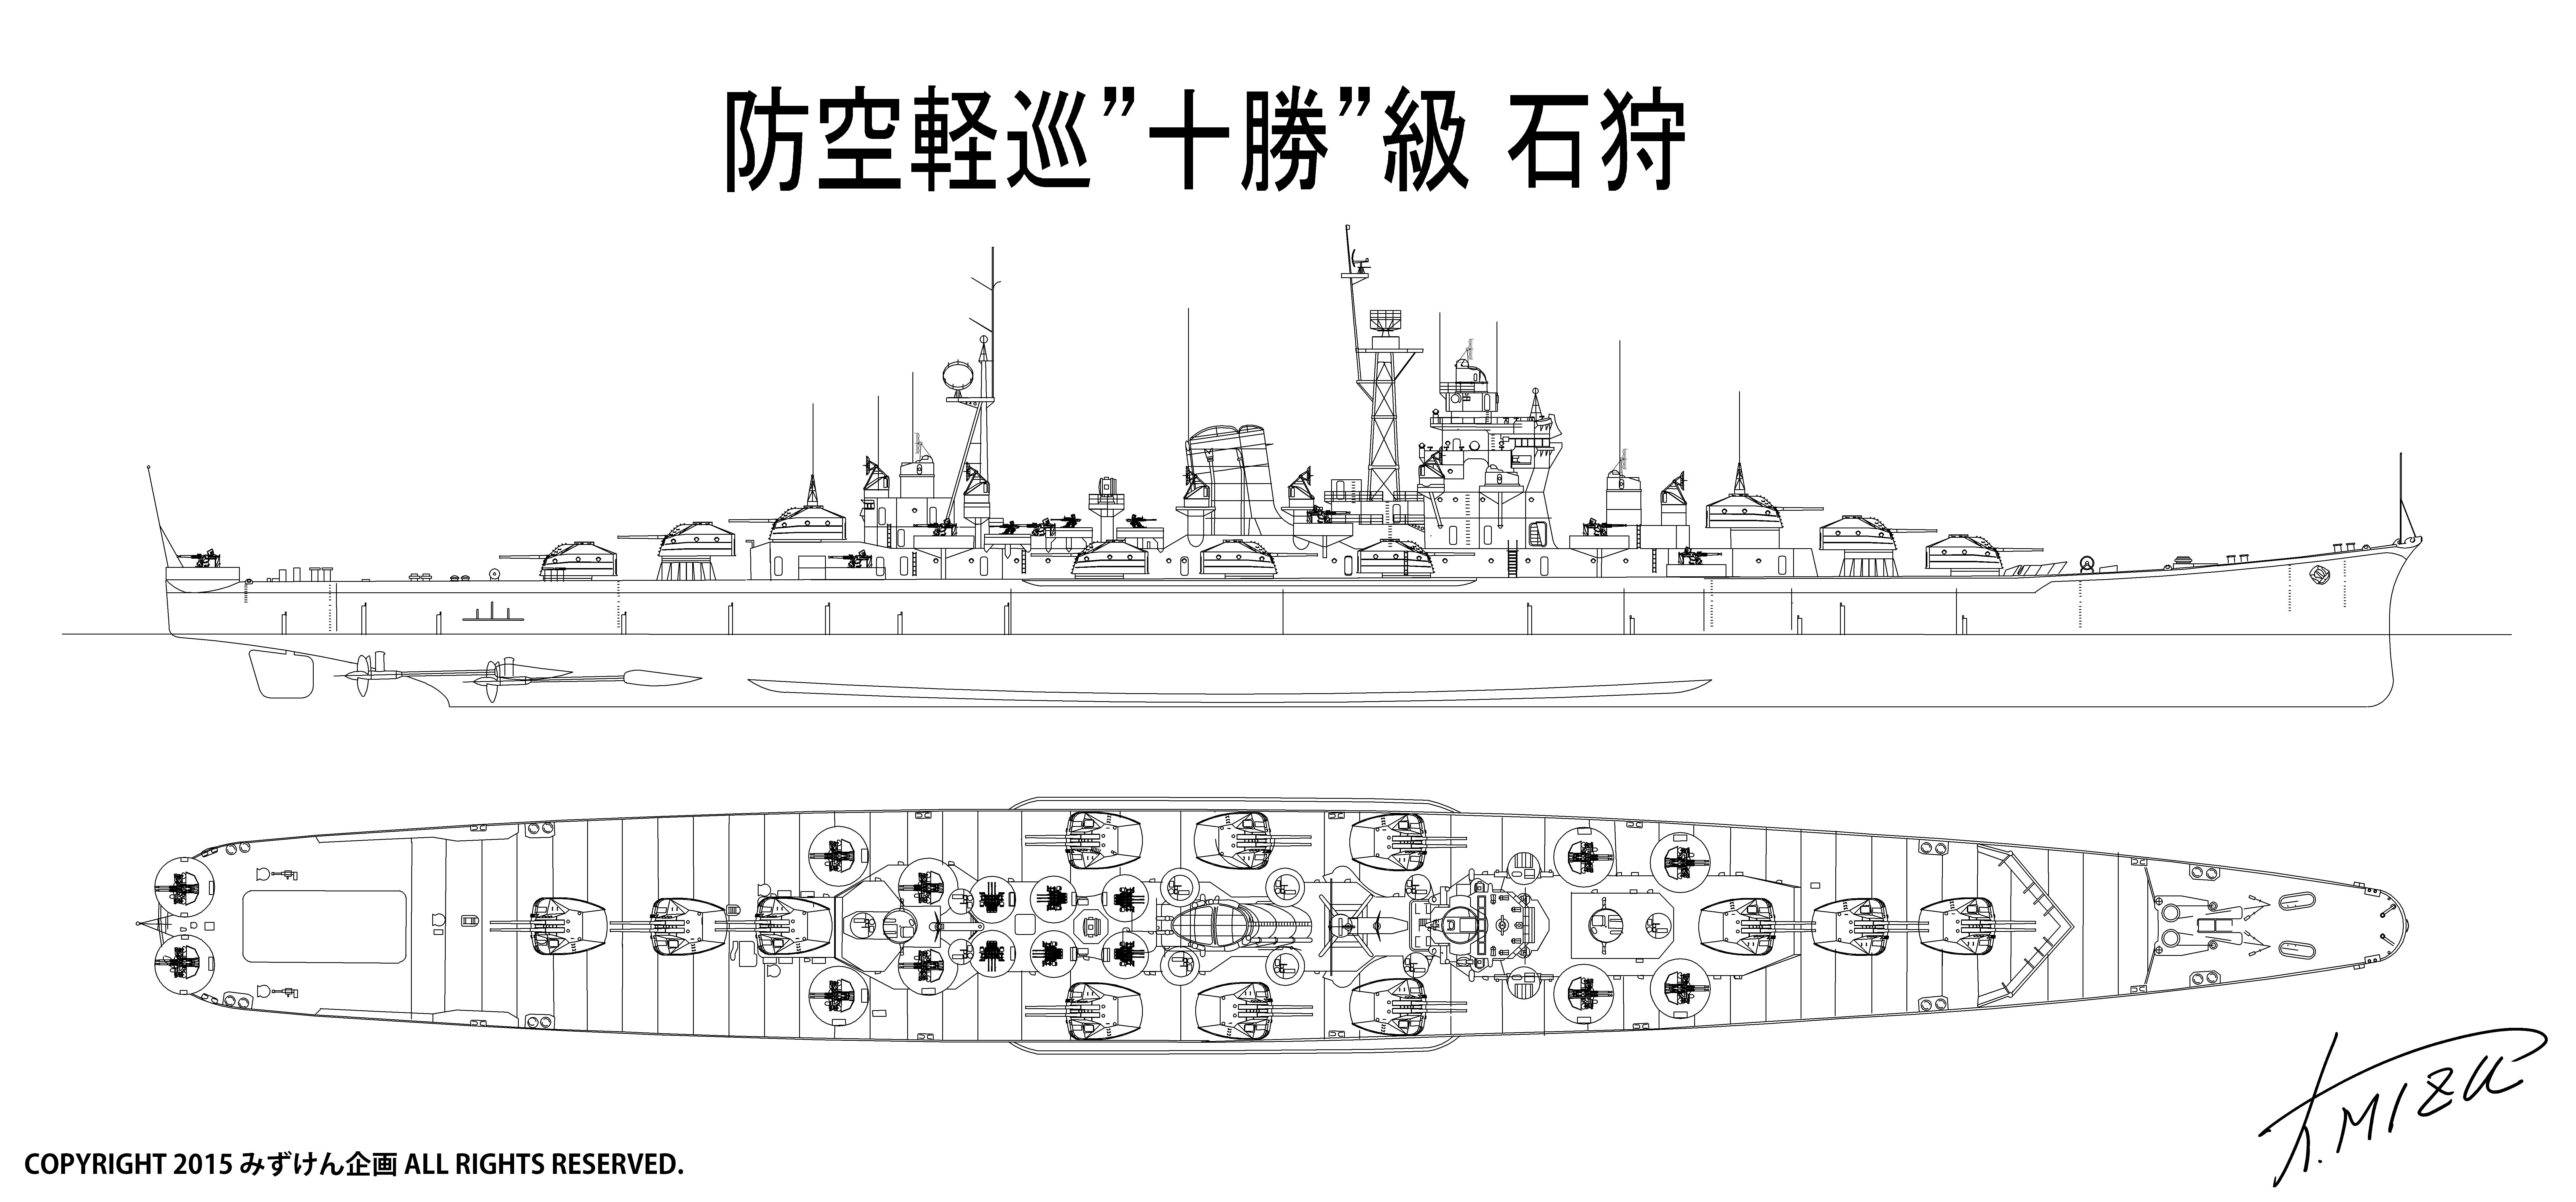 """仮想艦隊48.防空巡洋艦 """"十勝"""" 級のその後"""